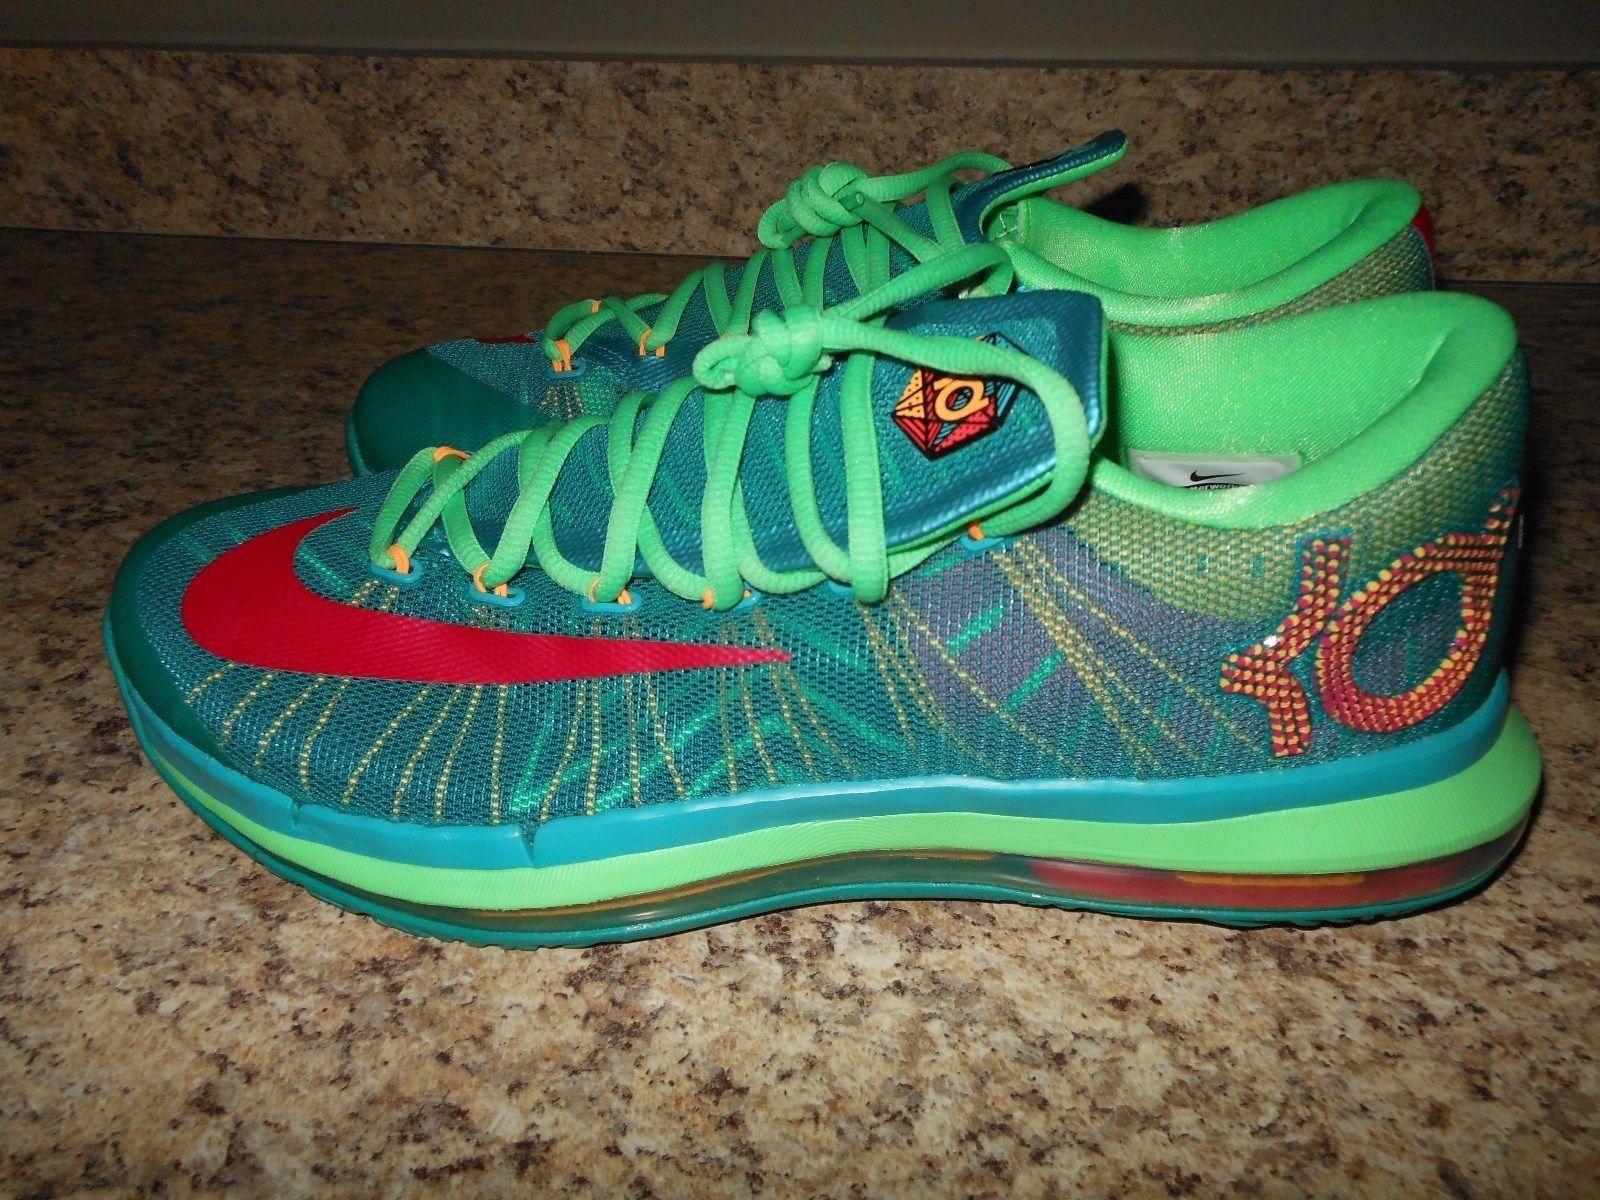 Nike KD VI 6 Elite hombre zapatos Turbo lucido Verde / rosa nightshield lucido Turbo cómodo 60c2a3